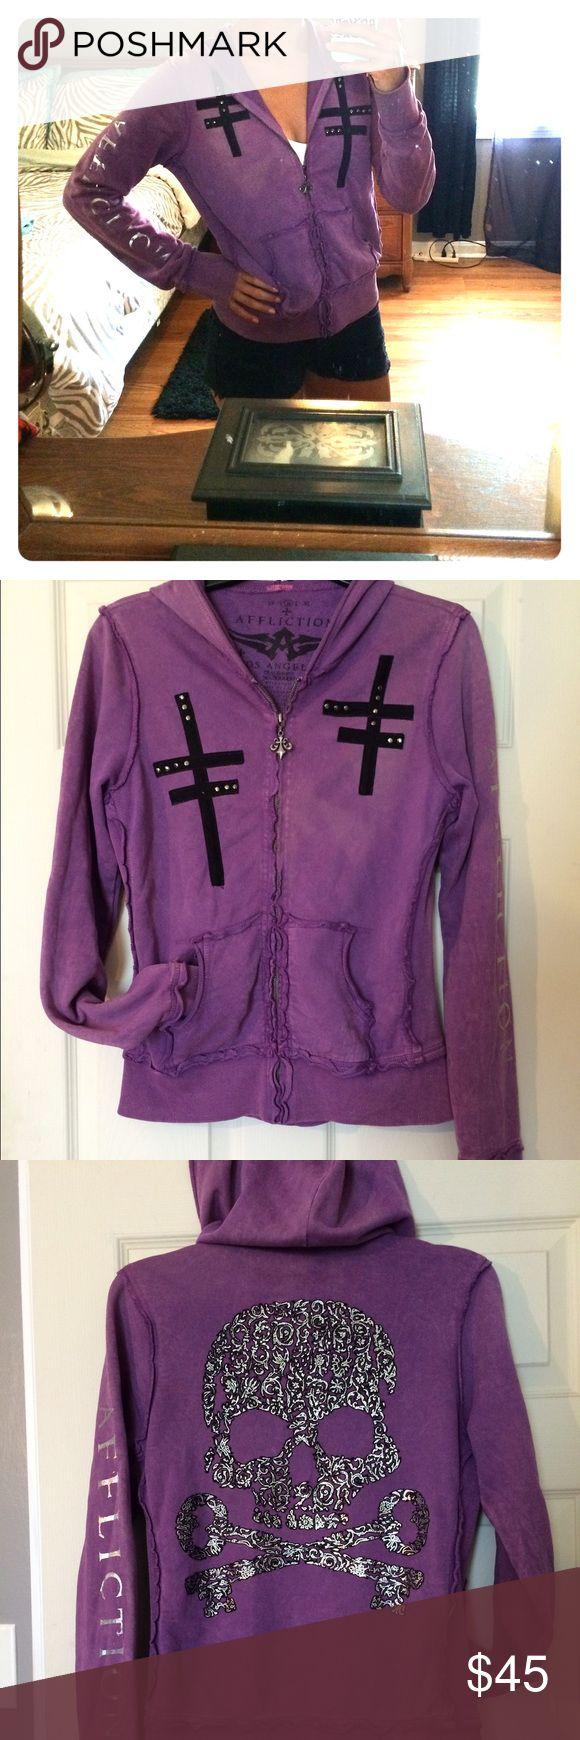 Affliction zip-up! Affliction purple zip-up hoodie! Size Medium. In great condtion! Affliction Tops Sweatshirts & Hoodies